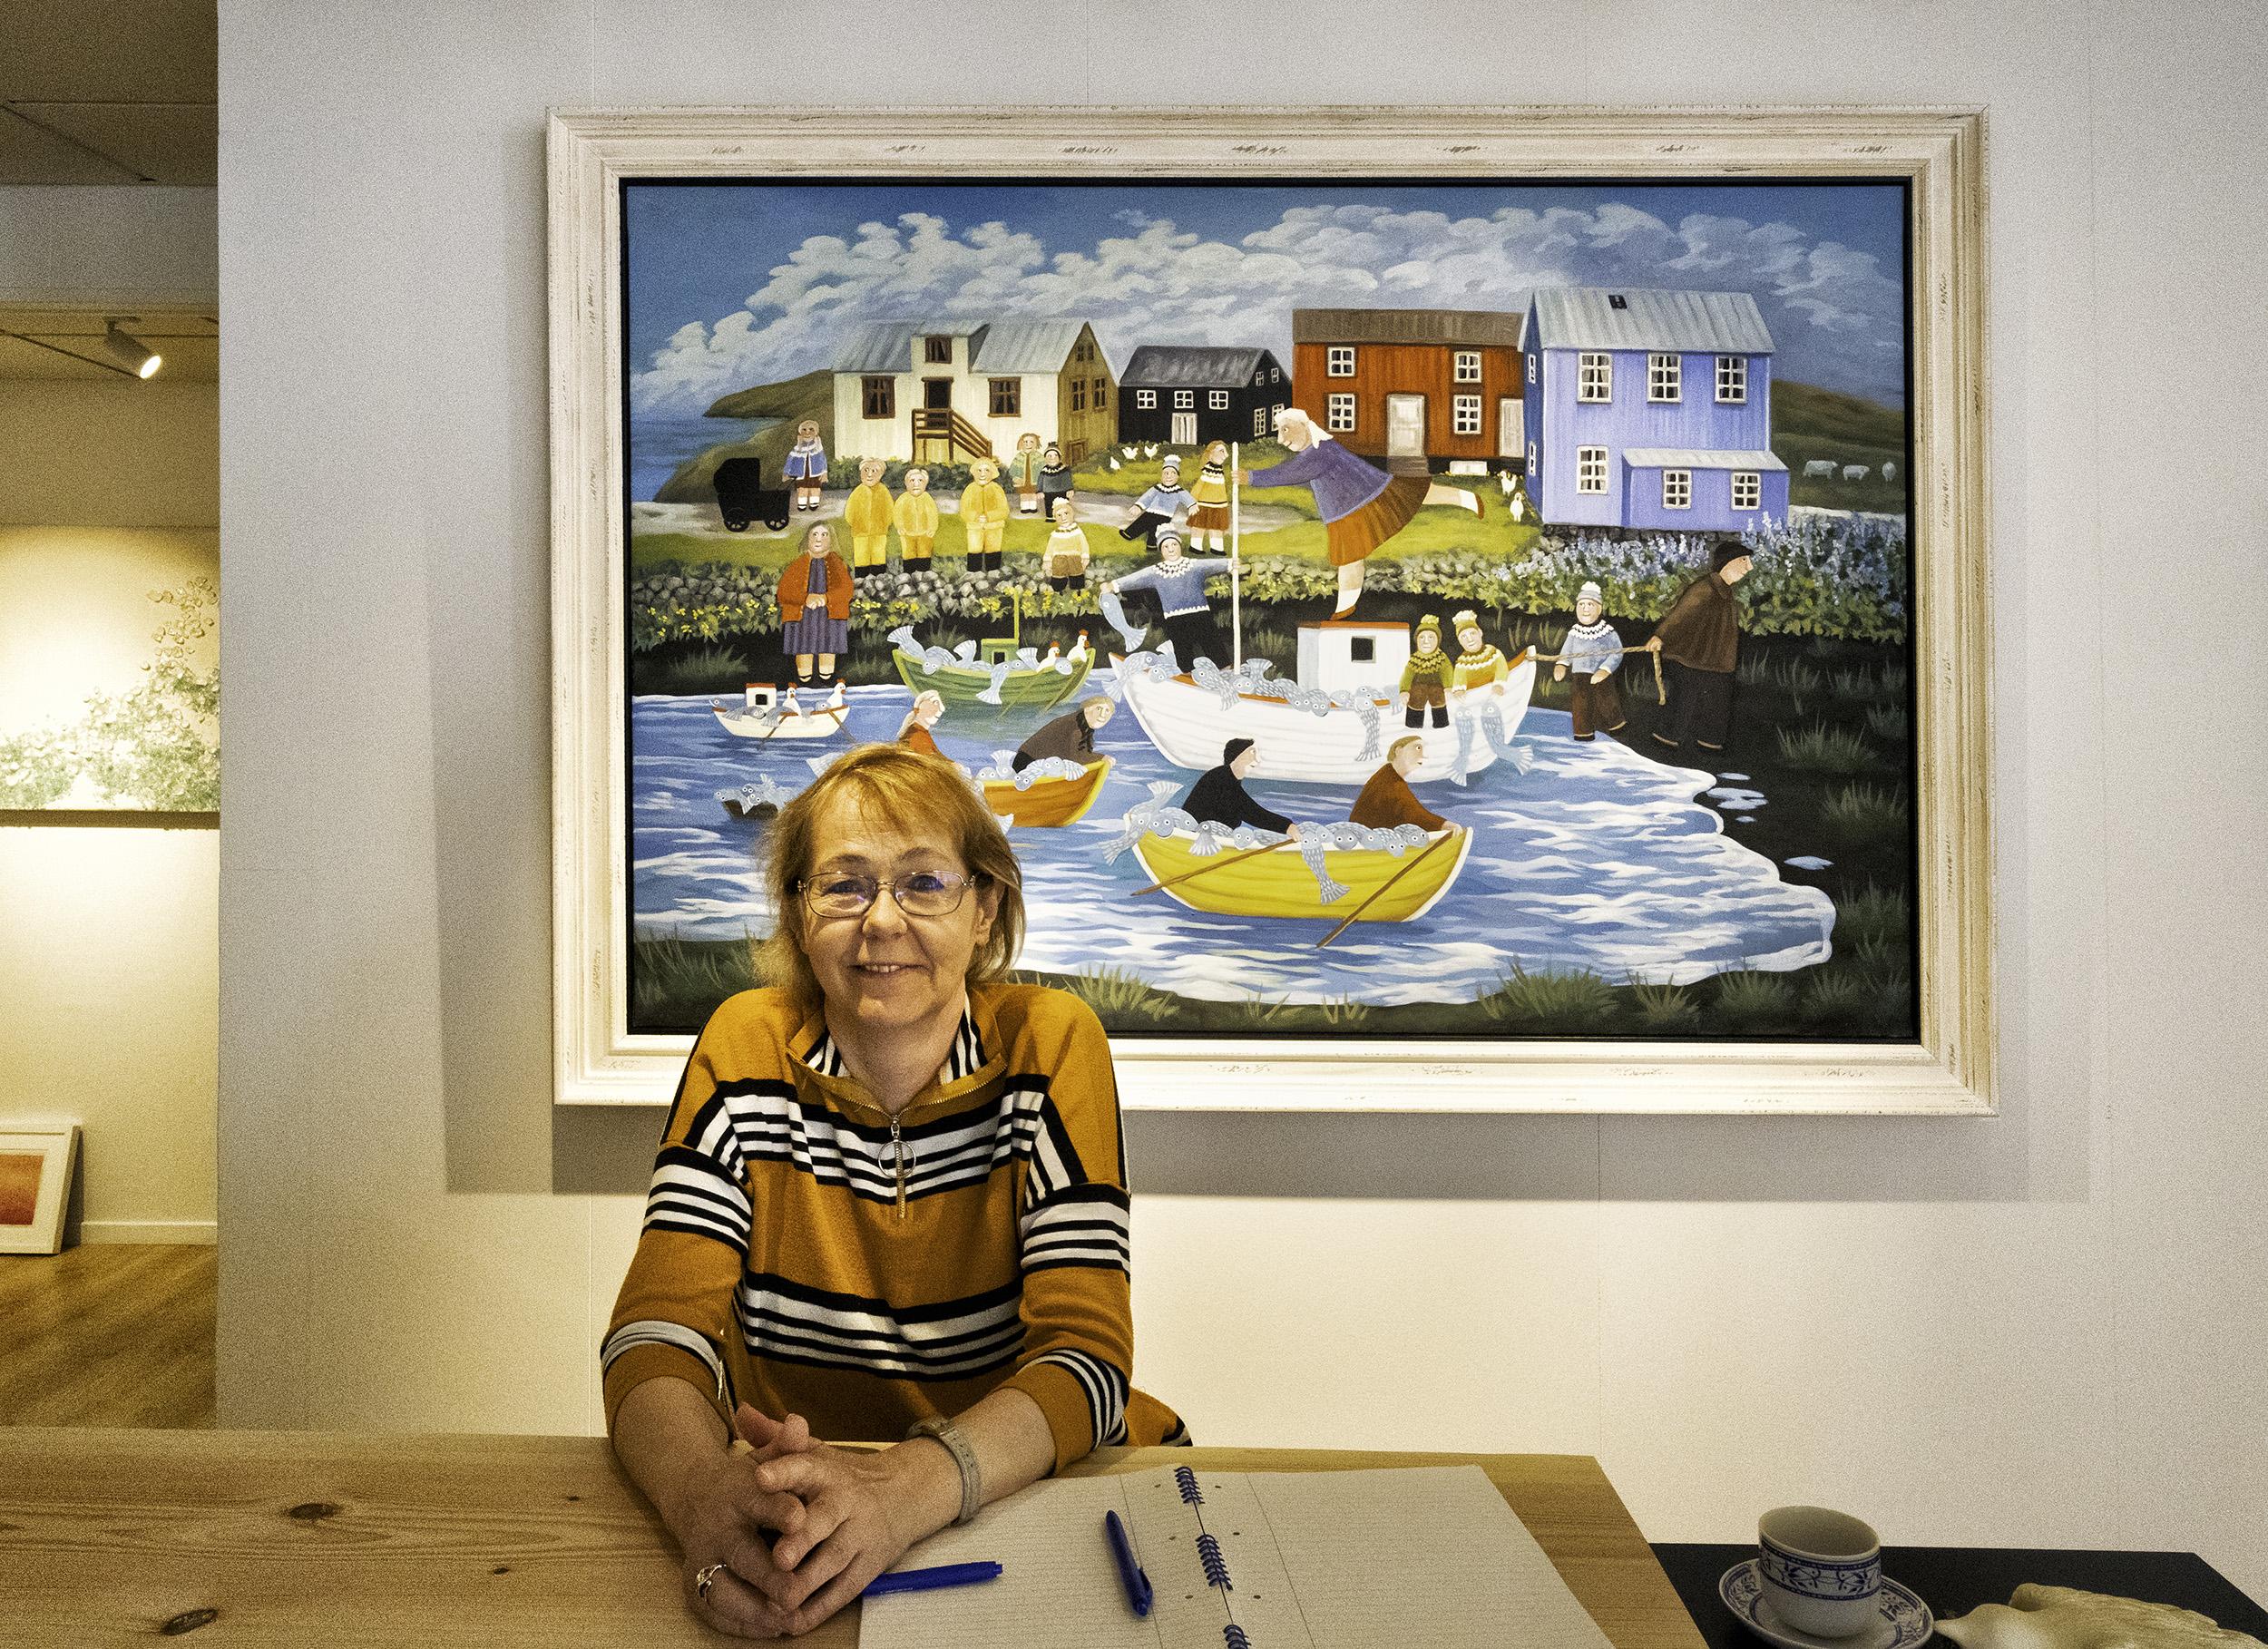 The artist Gunnella in her gallery in Reykjavik